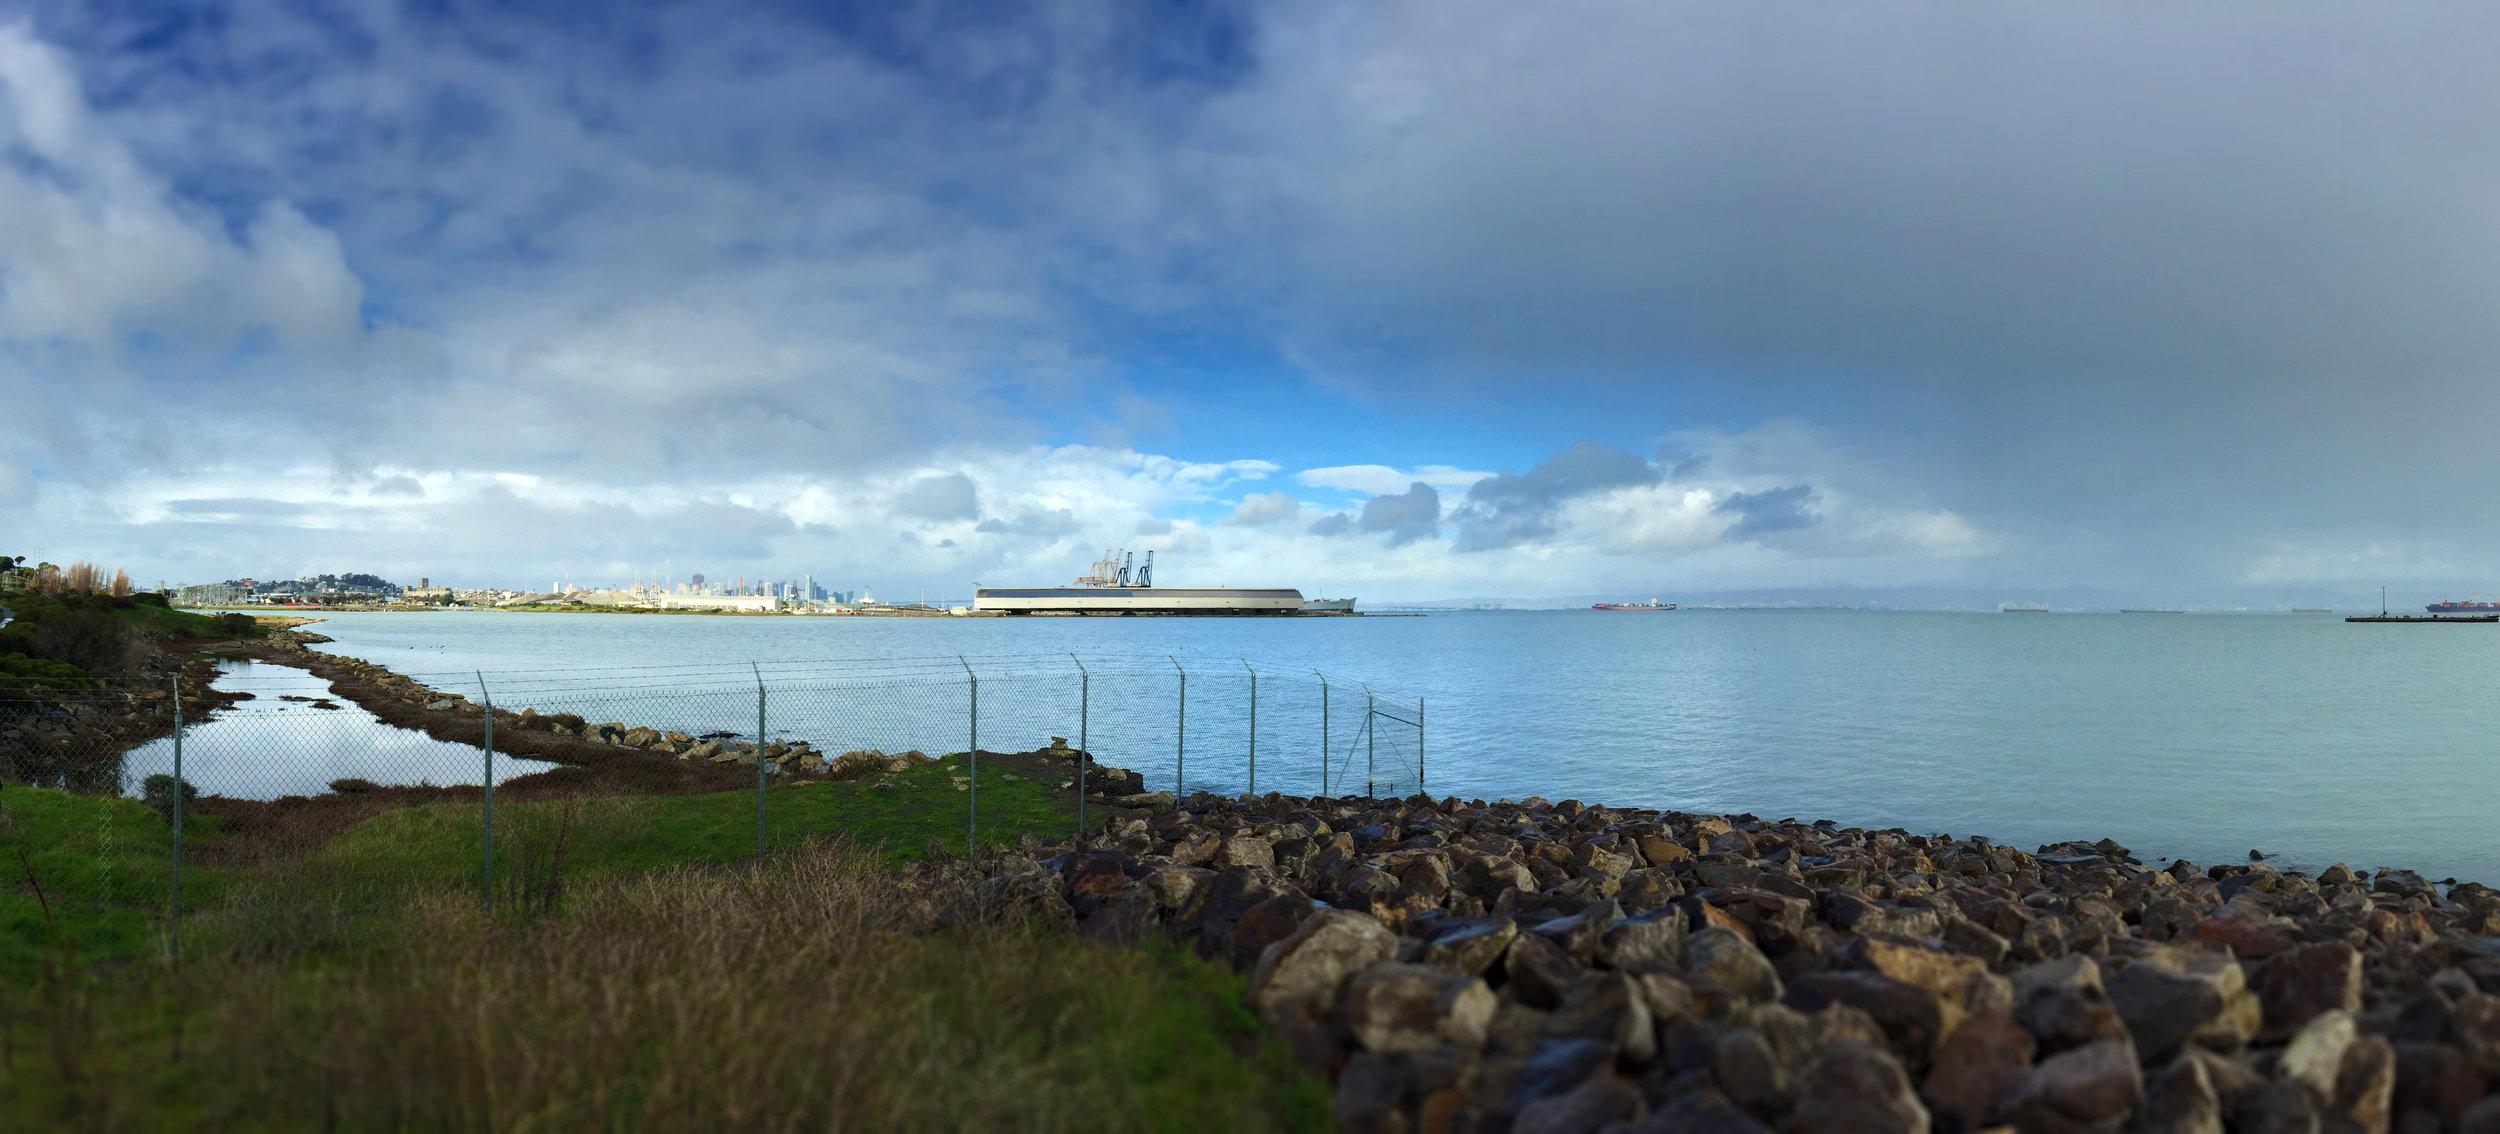 hunter's point shipyard